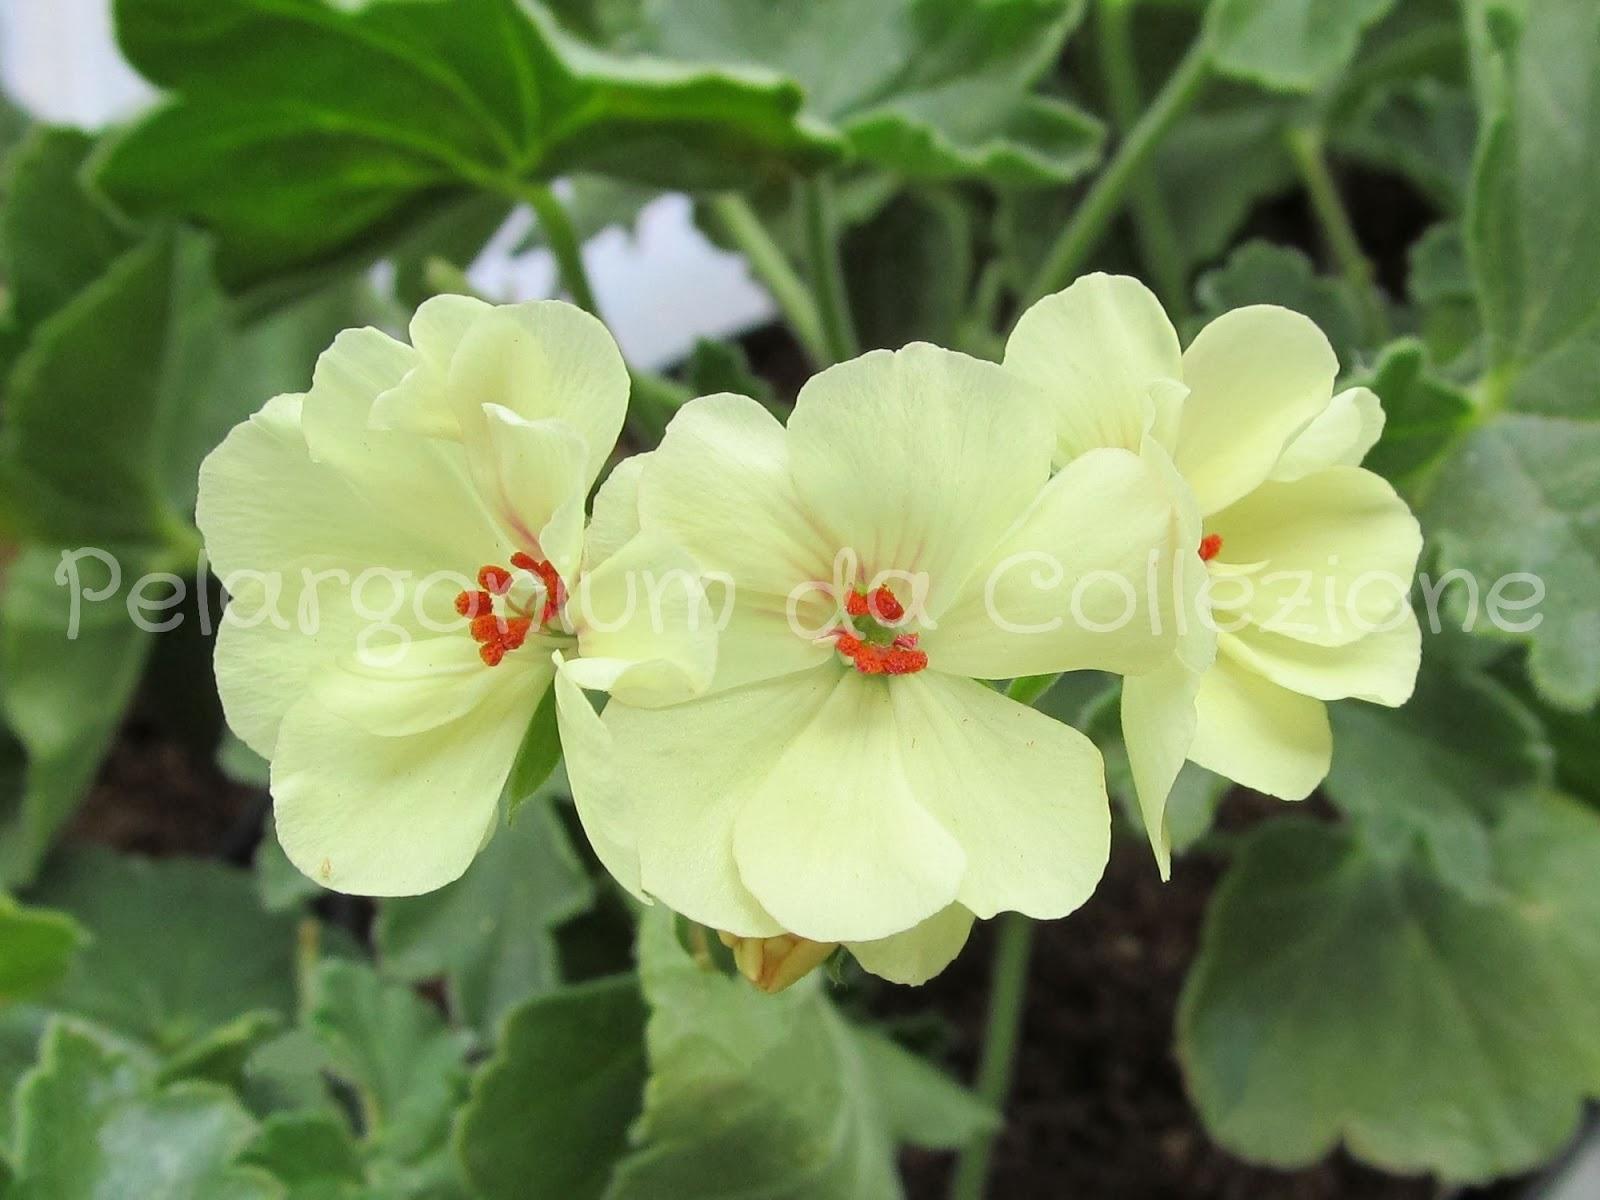 Pelargonium Da Collezione Pac First Yellow